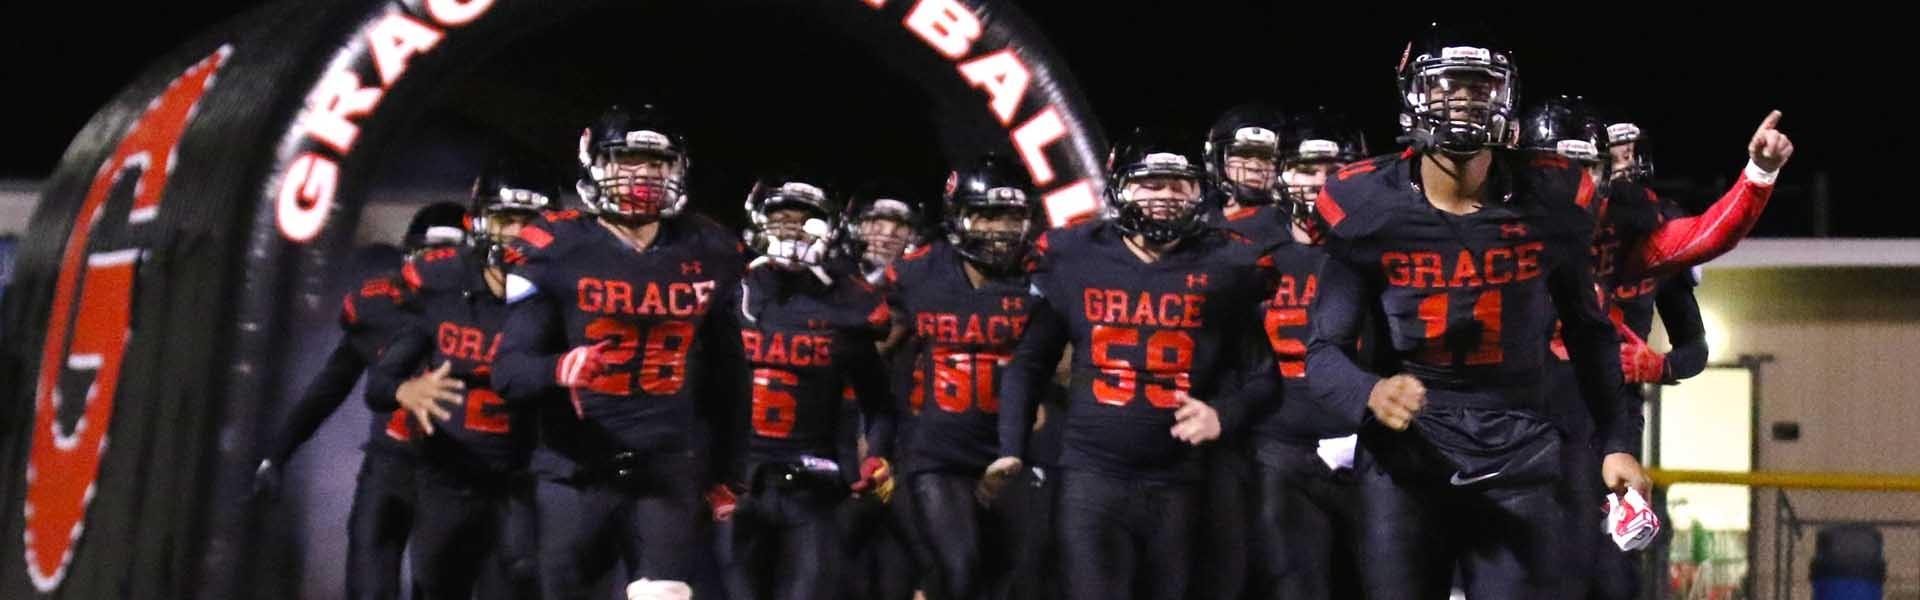 Grace Brethen California USA Football Banner 2019